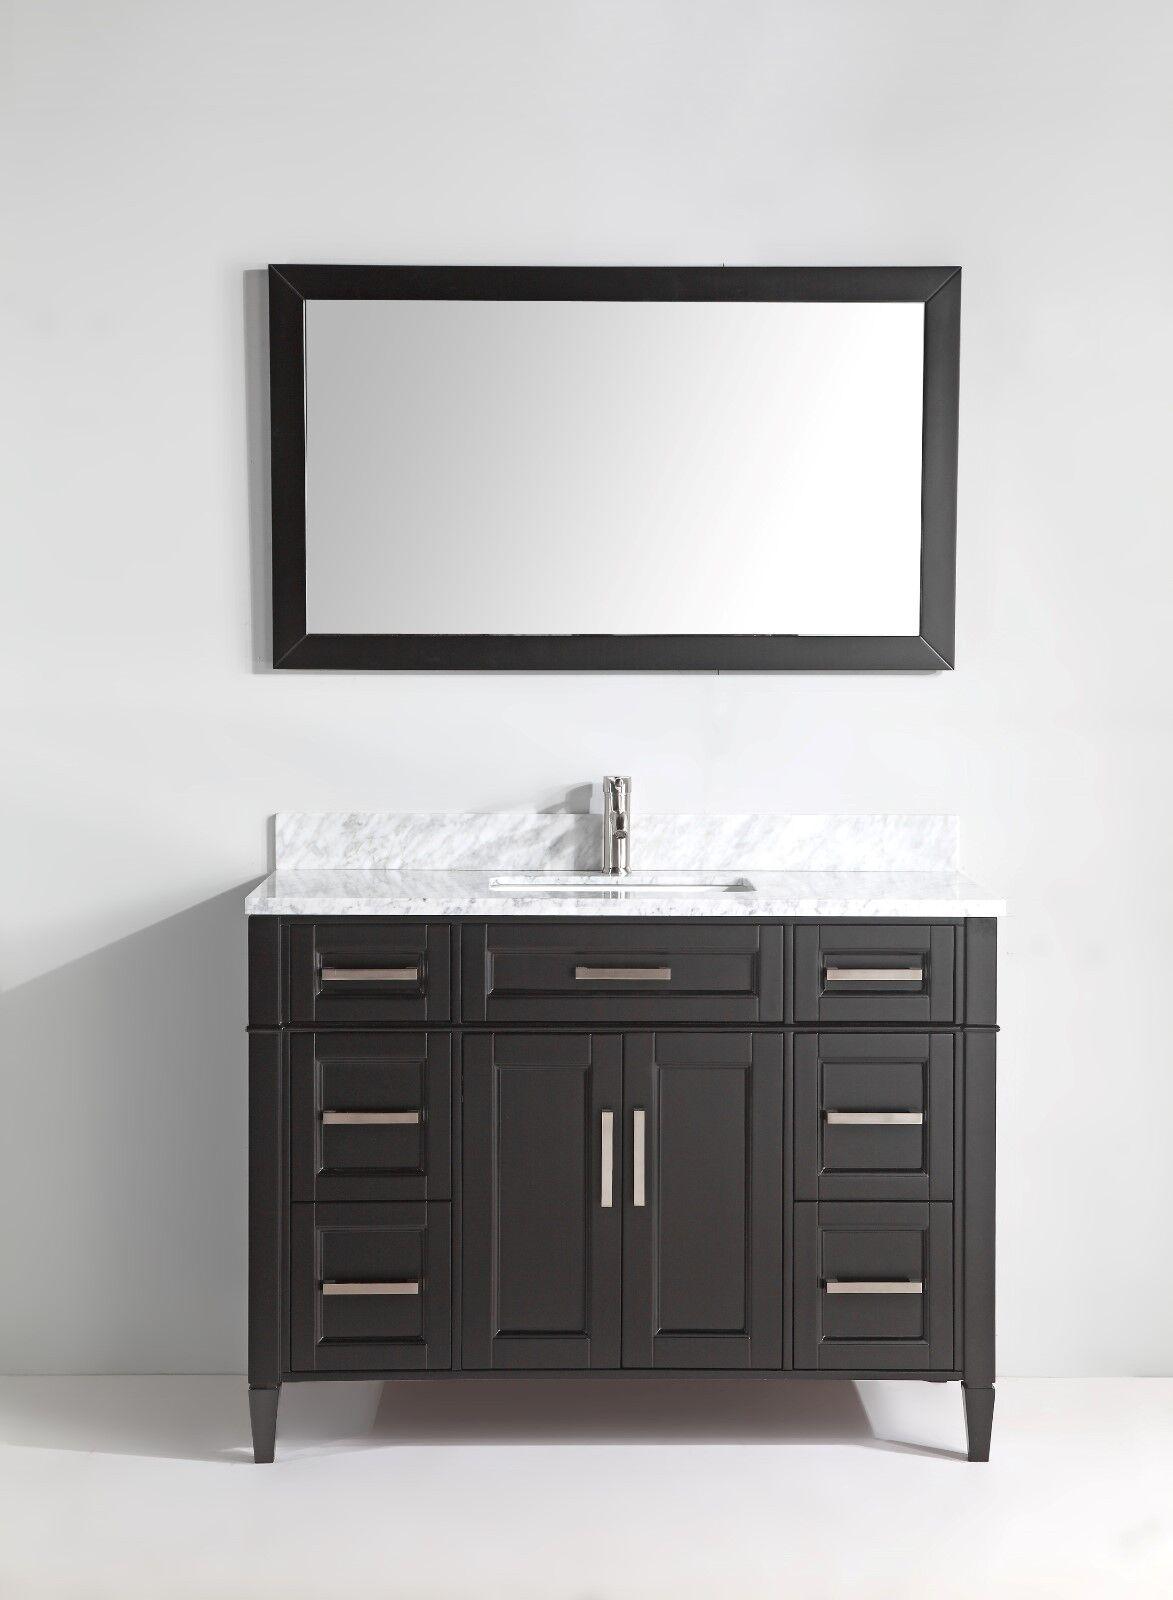 Vanity Art 60 Inch Single Sink Bathroom Vanity Set W Carrara Marble Top Va2060 For Sale Online